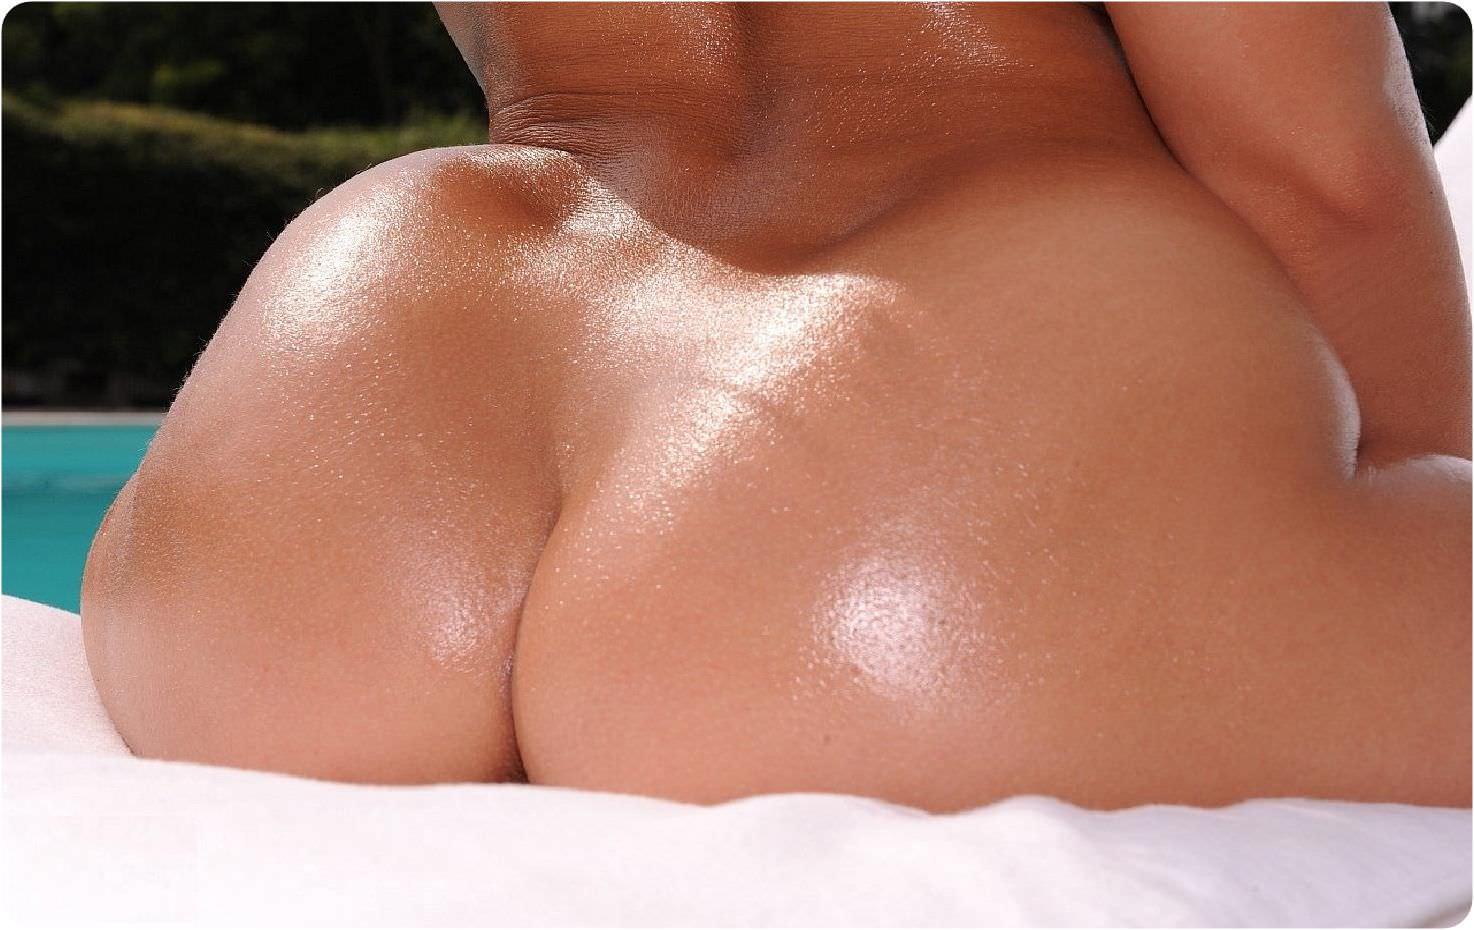 尋常じゃなくデカイお尻した海外女性のエロ画像 233